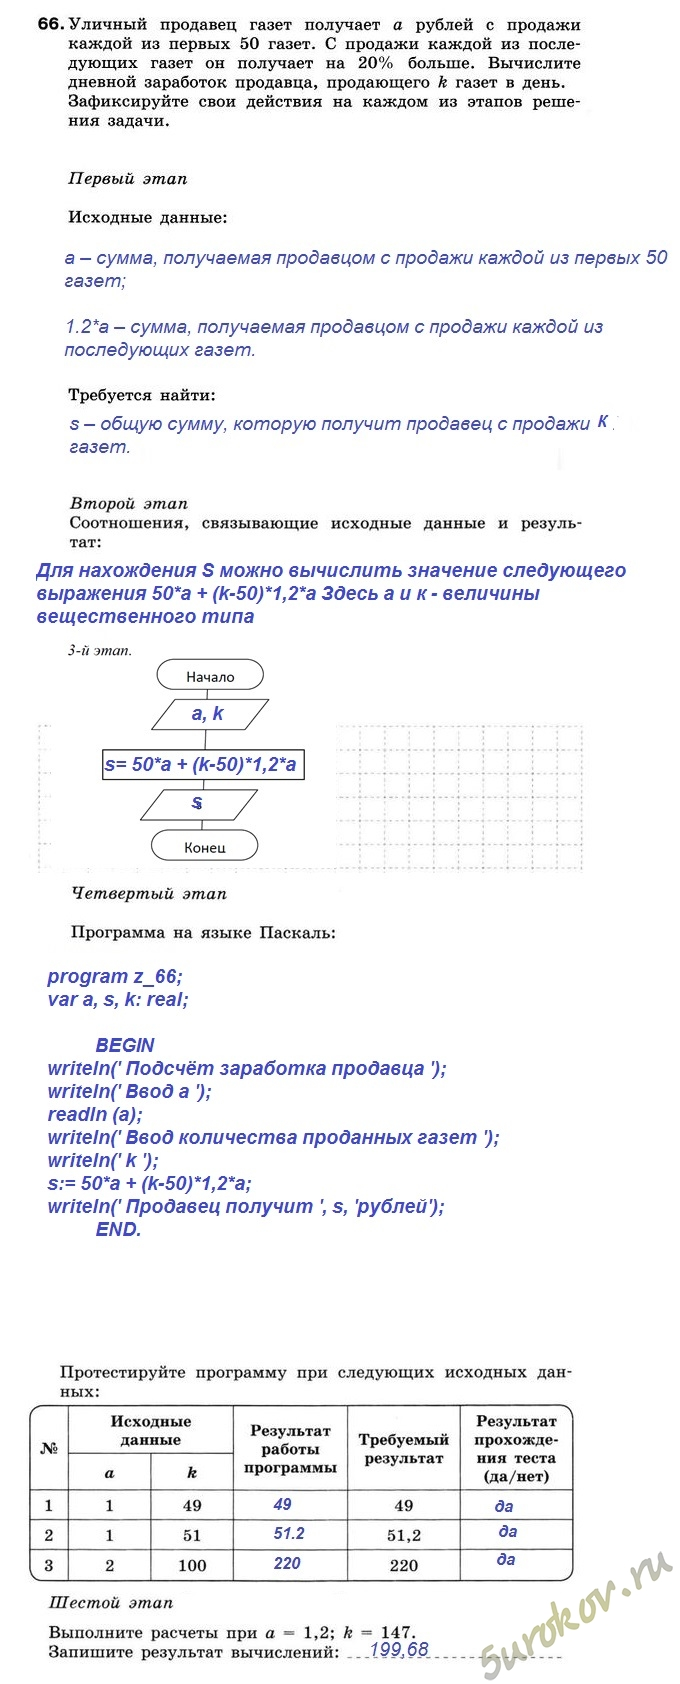 Решебник По Информатике 9 Класс Босова Бином